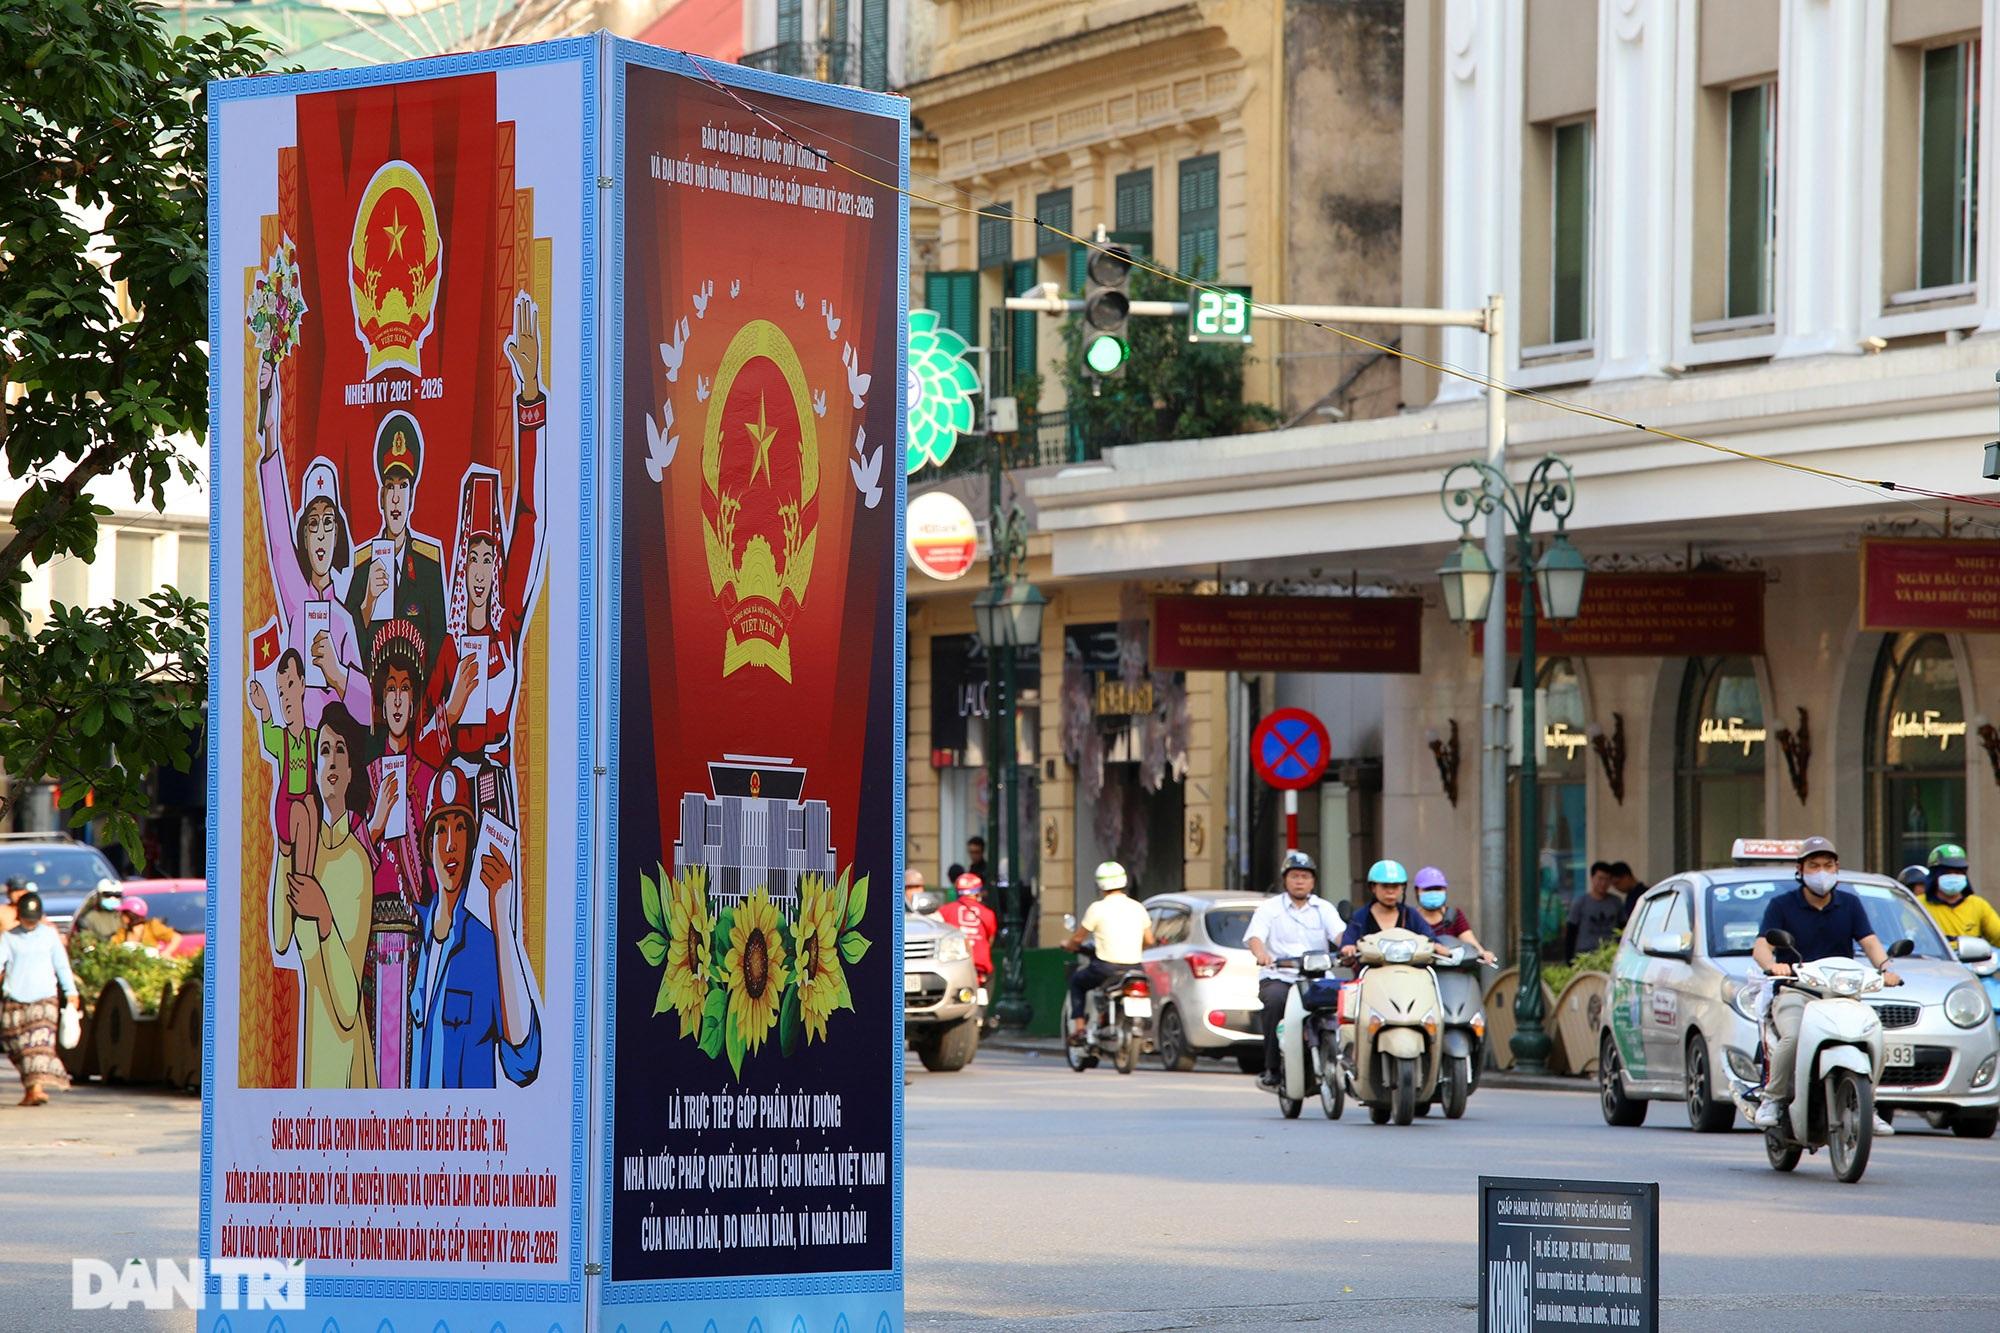 Hà Nội trang trí đường phố chào mừng cuộc bầu cử Đại biểu Quốc hội khóa XV - 14